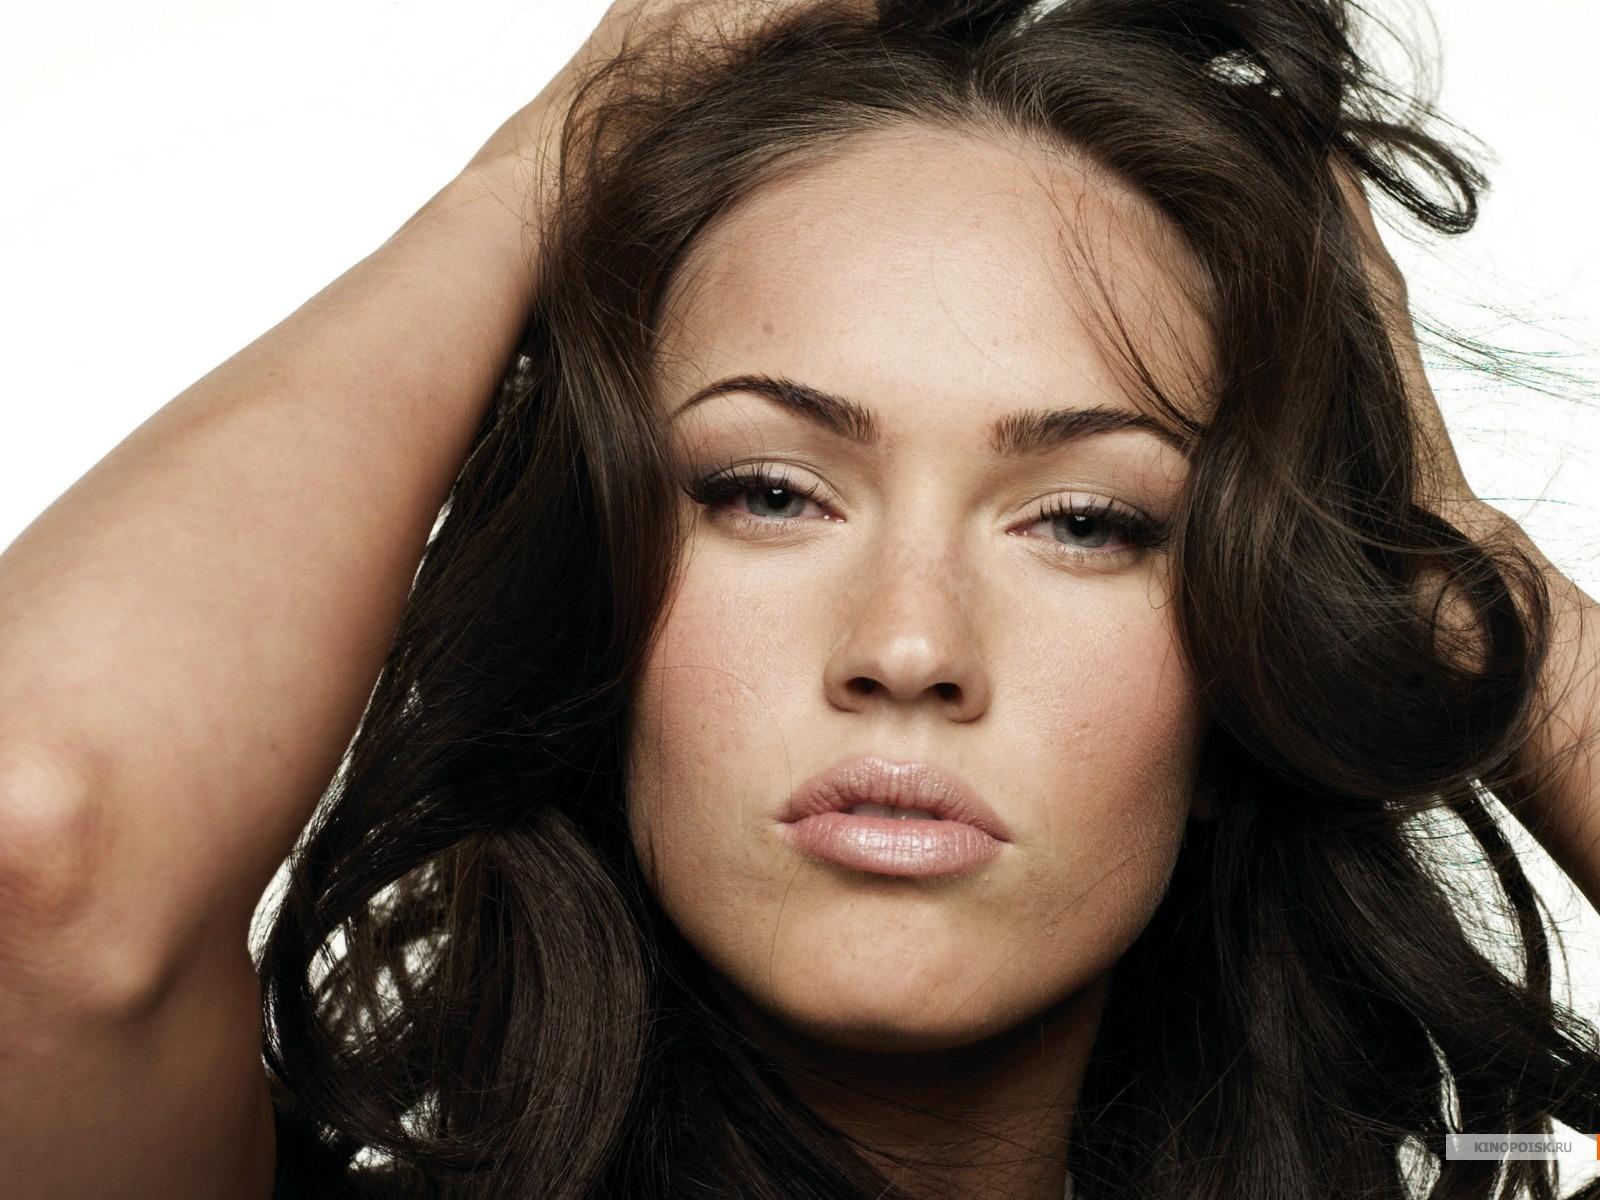 Megan Fox Pics